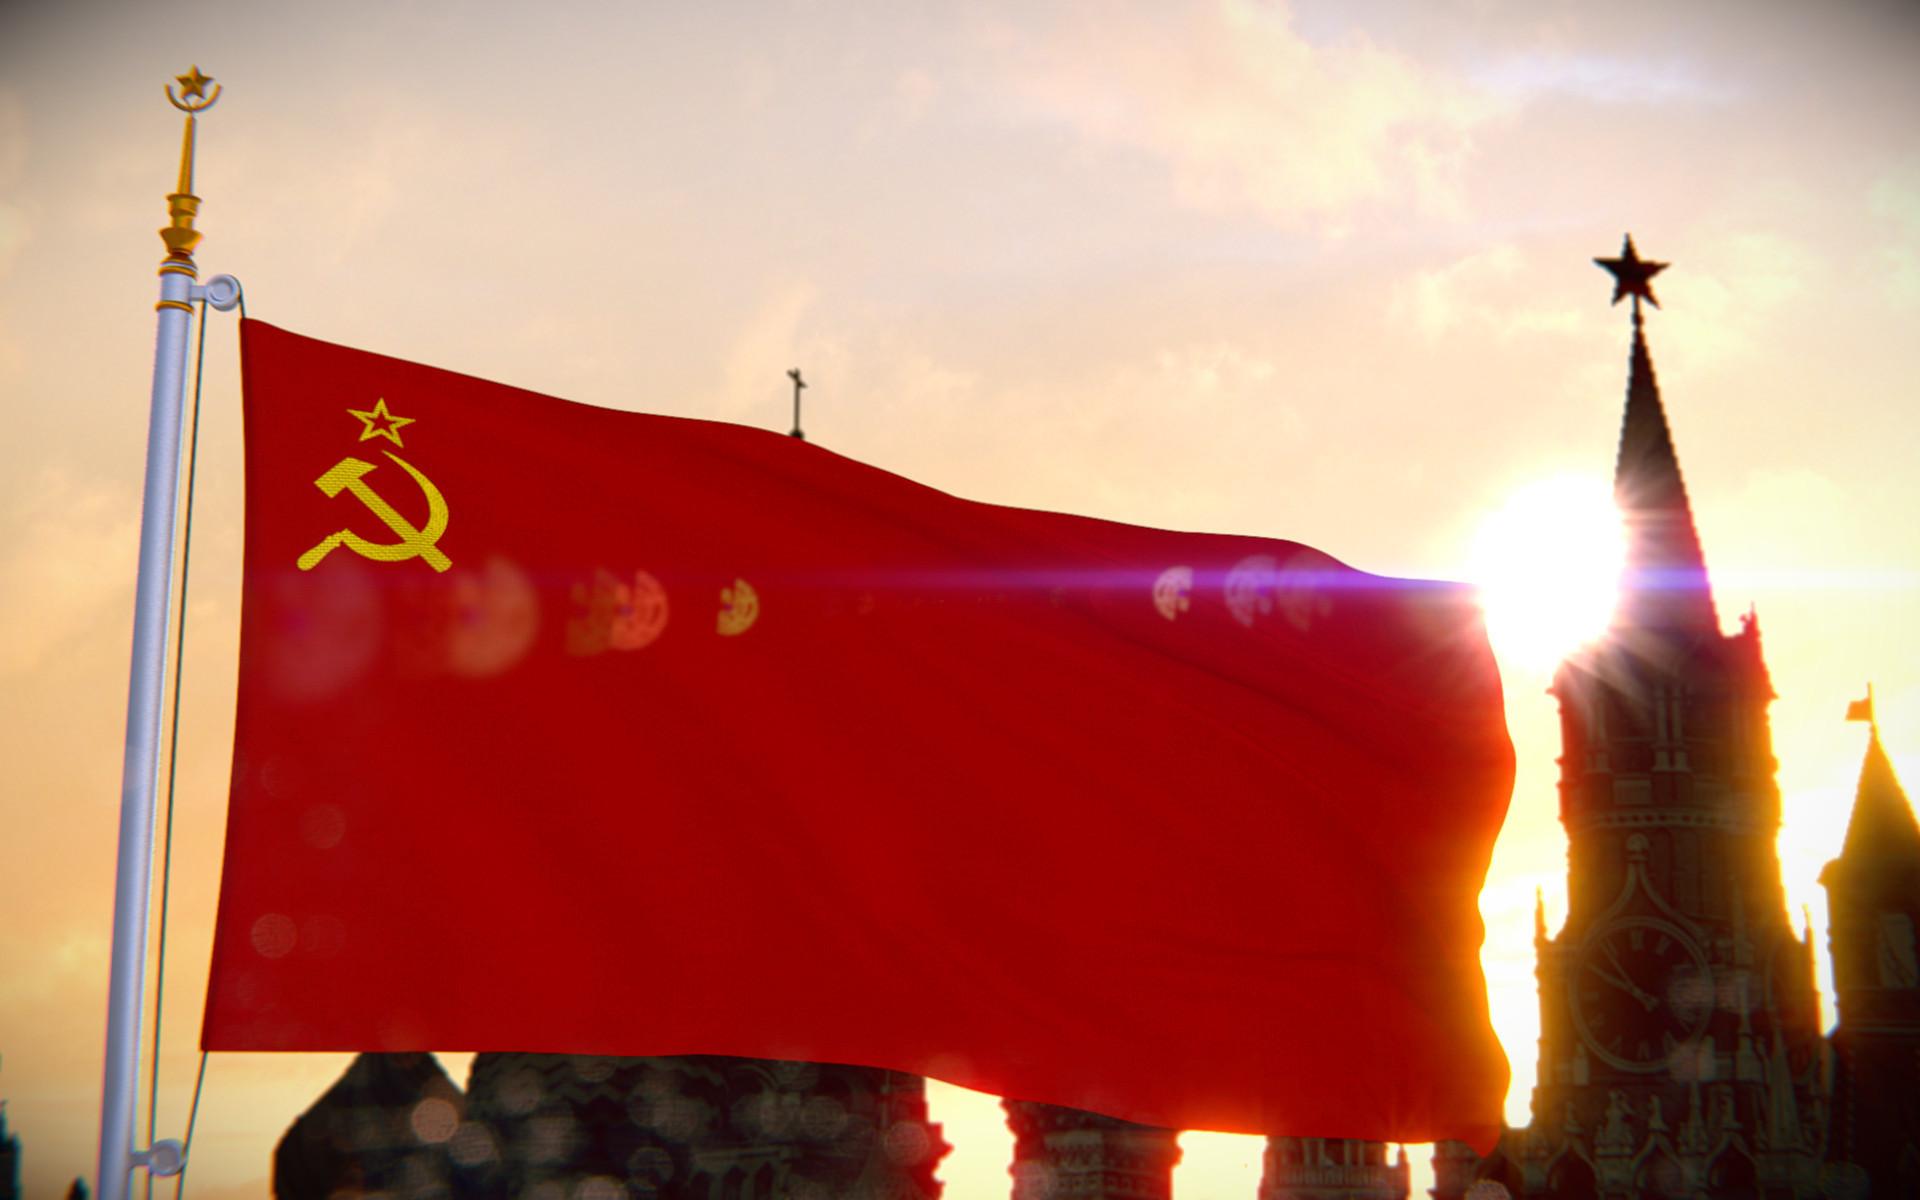 399063_moskva_budushhee_socializm_kommunizm_dvizhenie_sut_1920x1200_(www.GdeFon.ru)